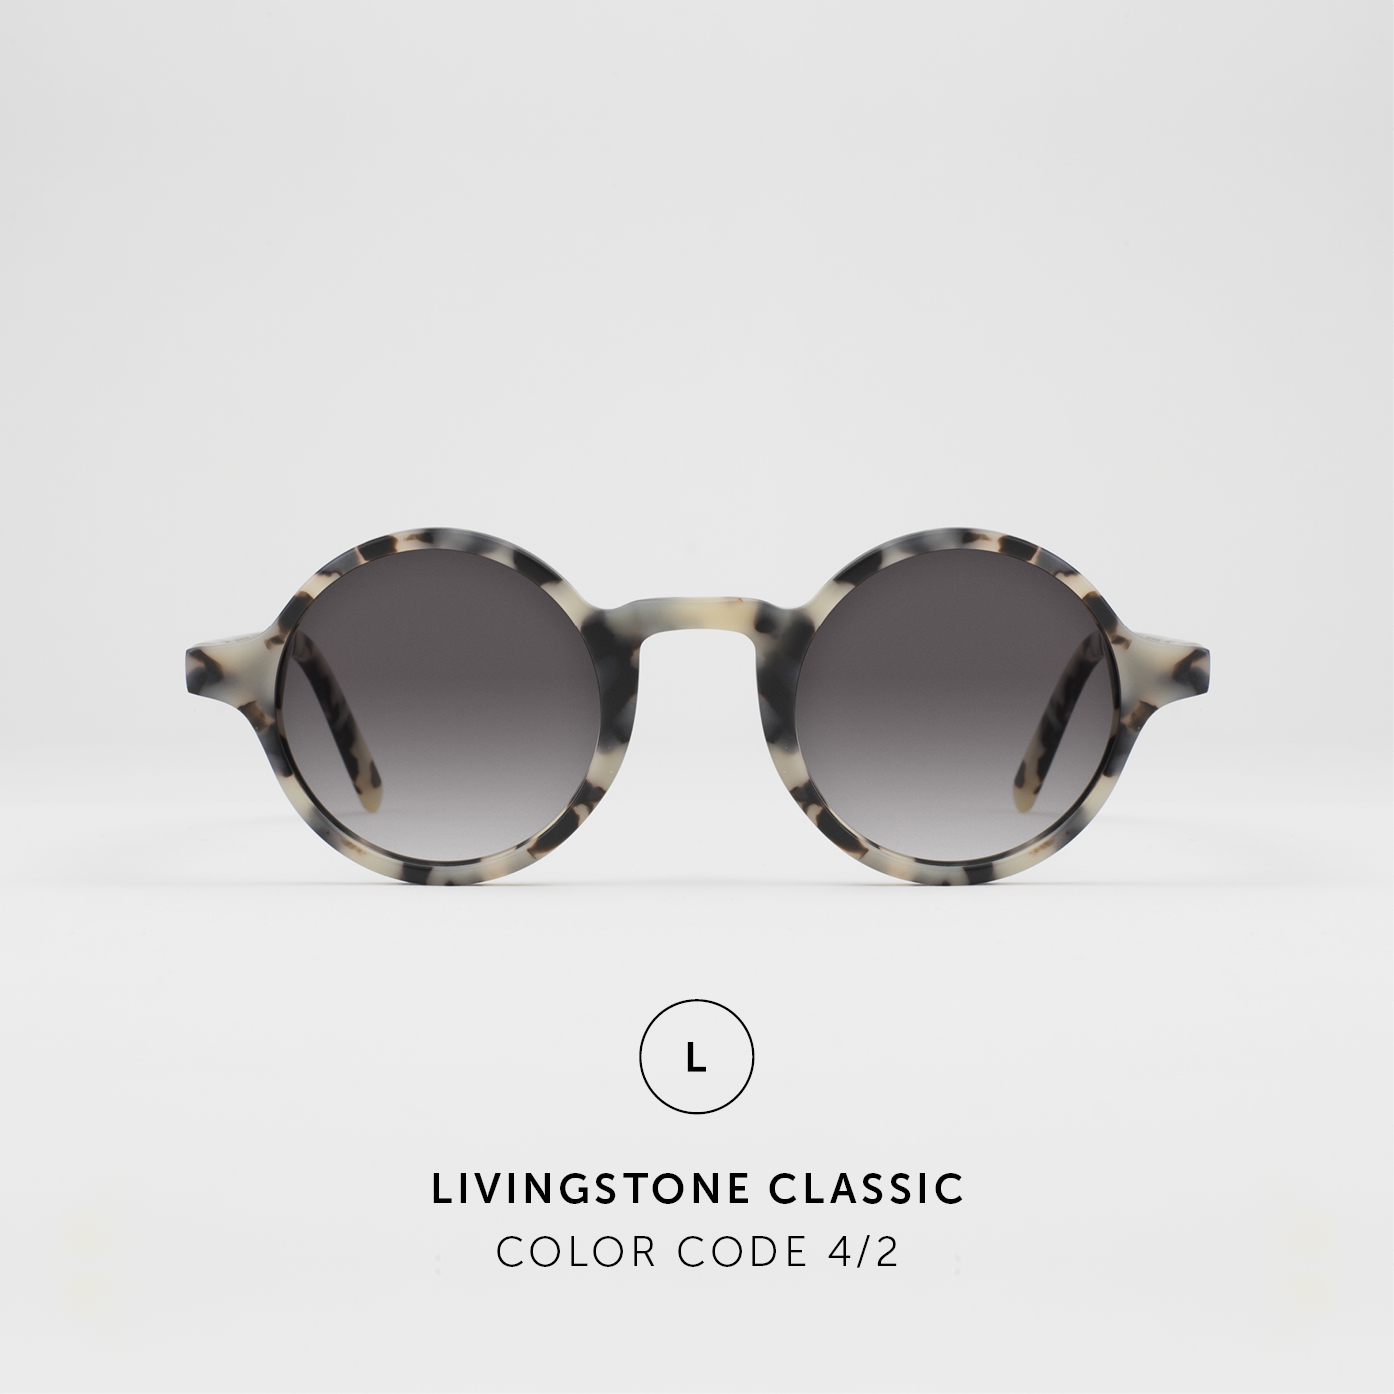 LivingstoneClassic28.jpg